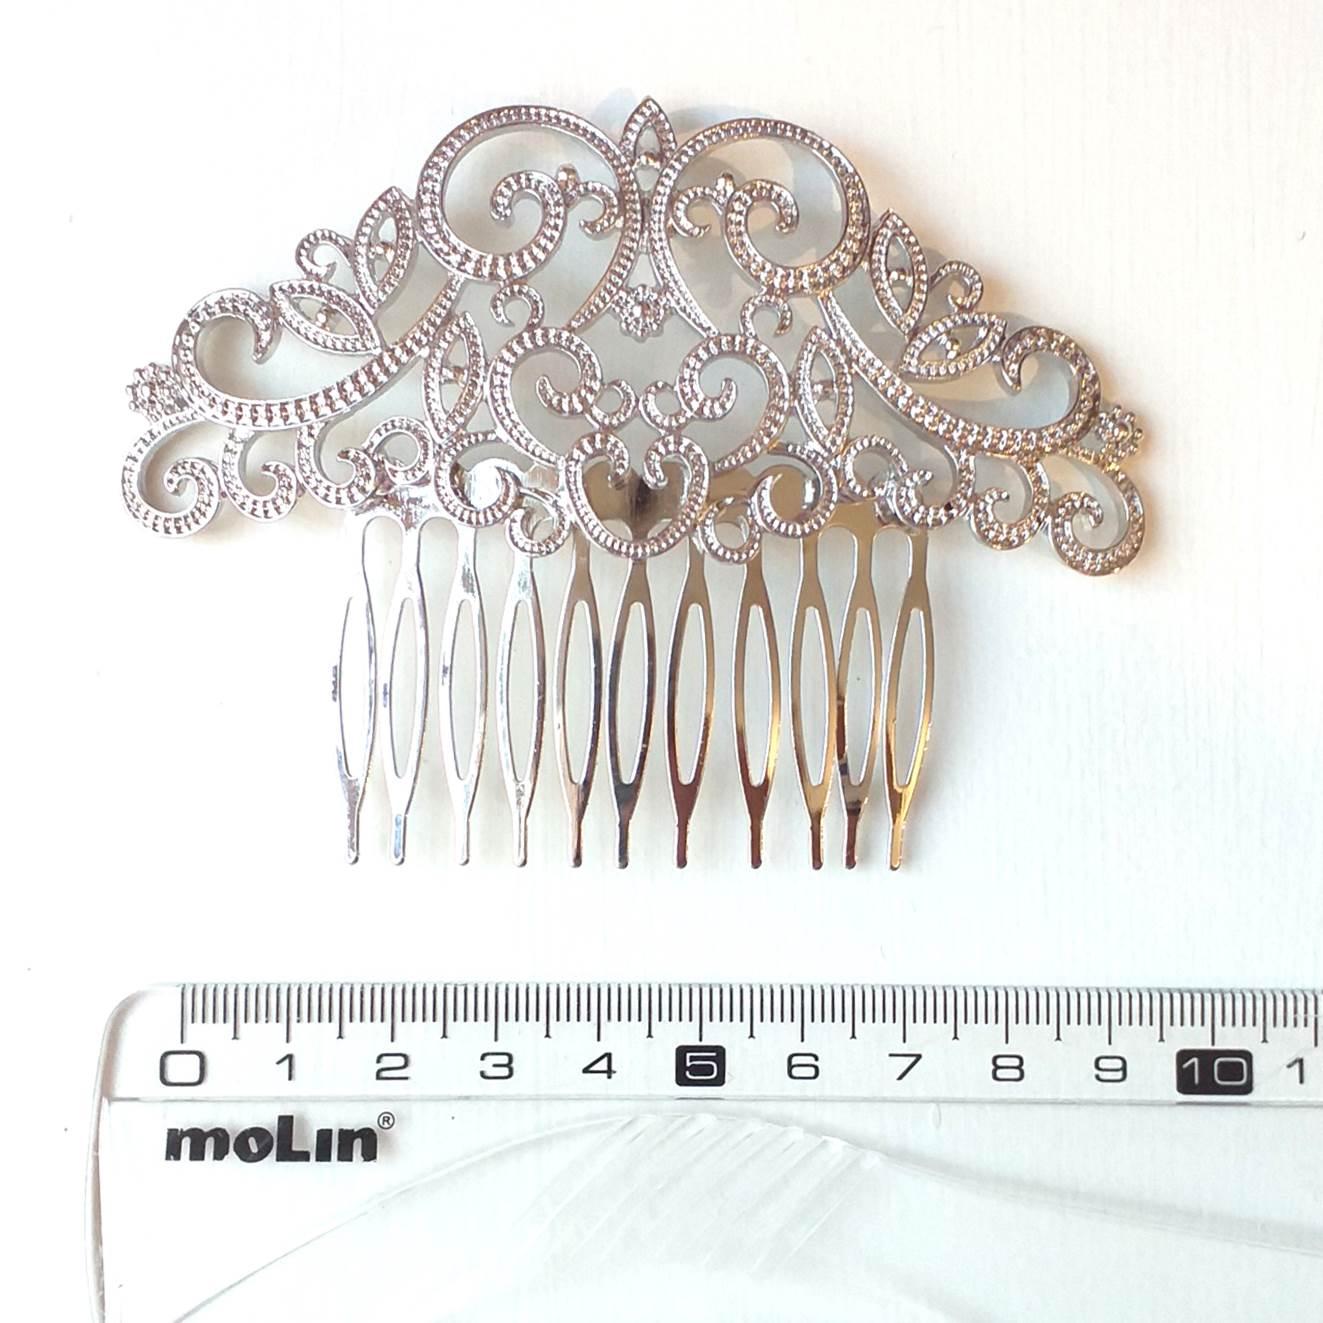 PEINECILLO metal flamenco prateado arabesco 11cm